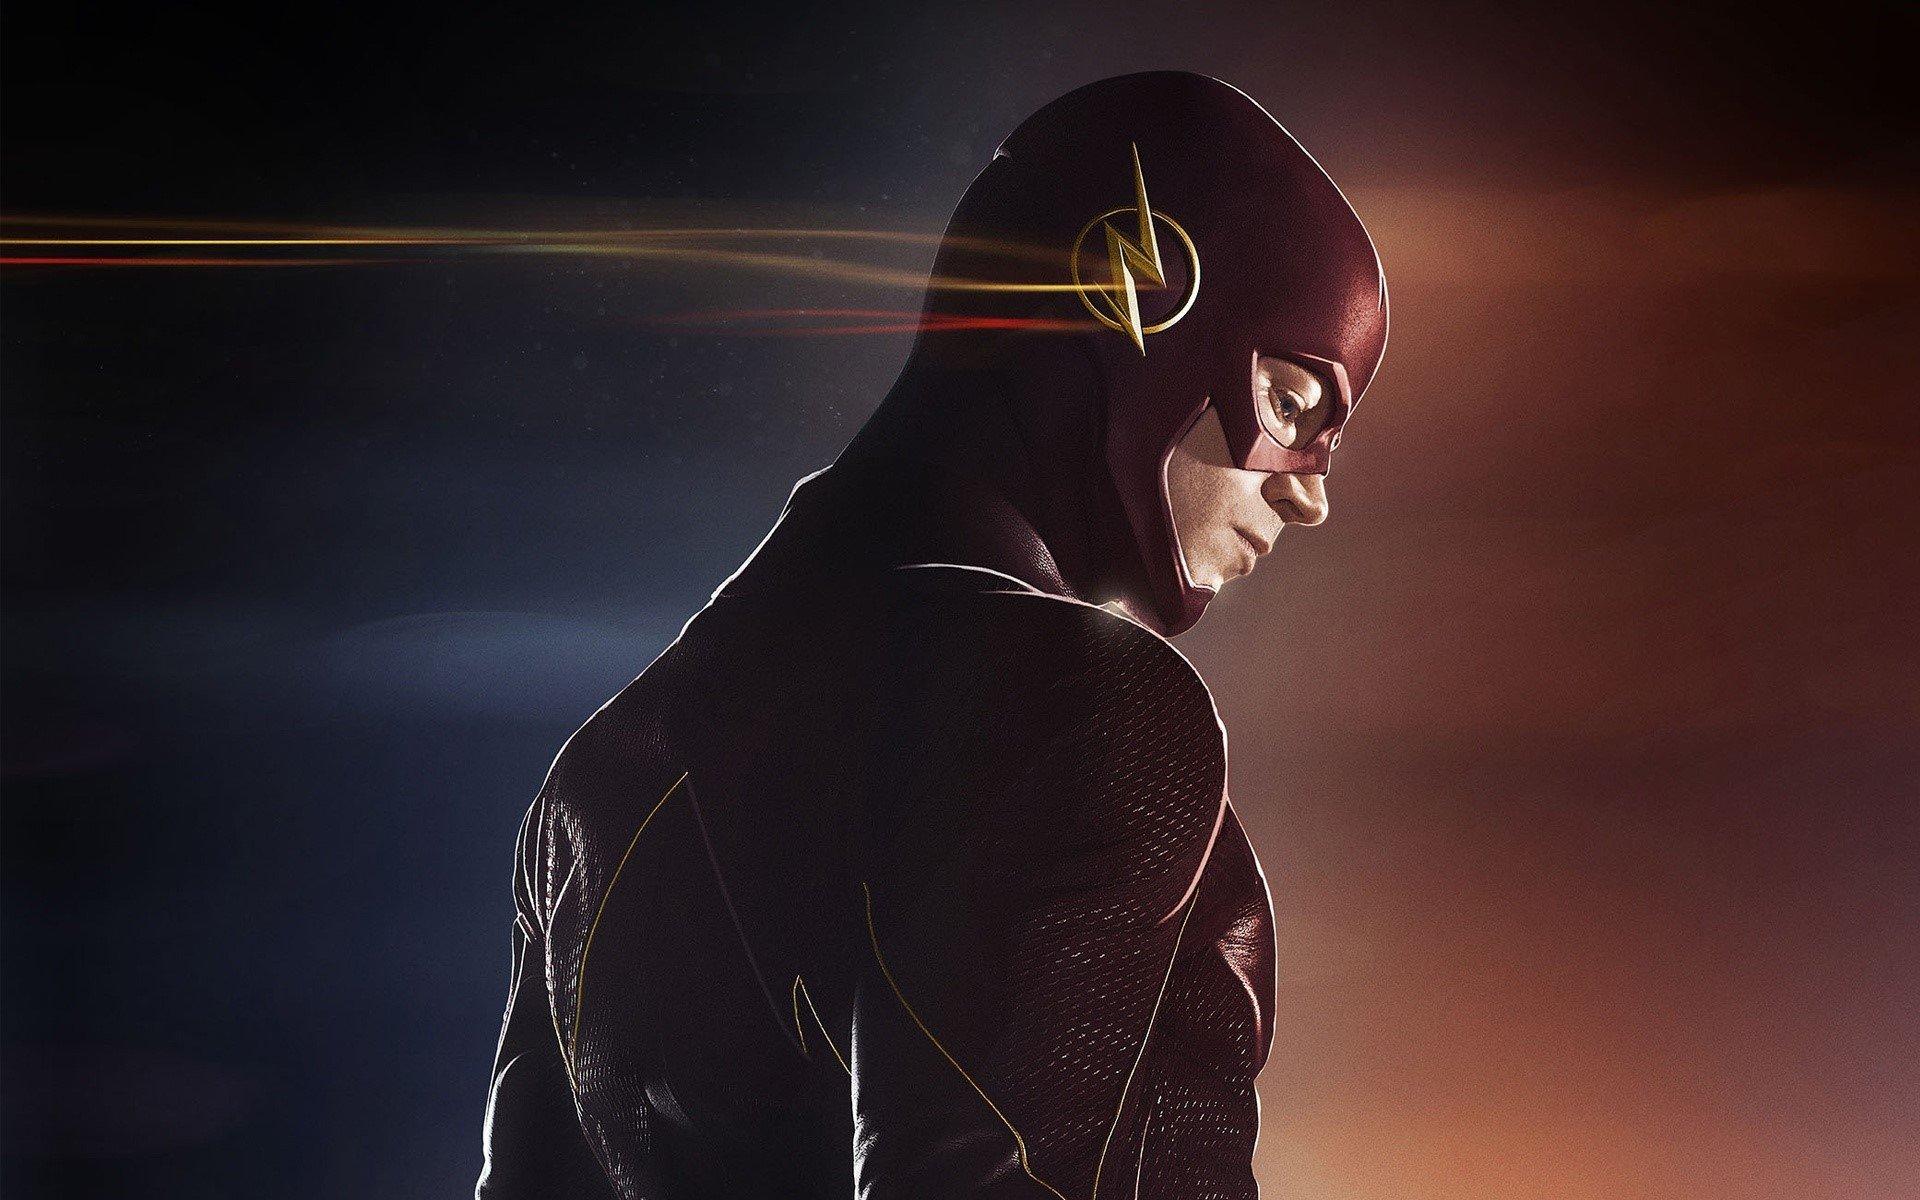 Fondos de pantalla The flash